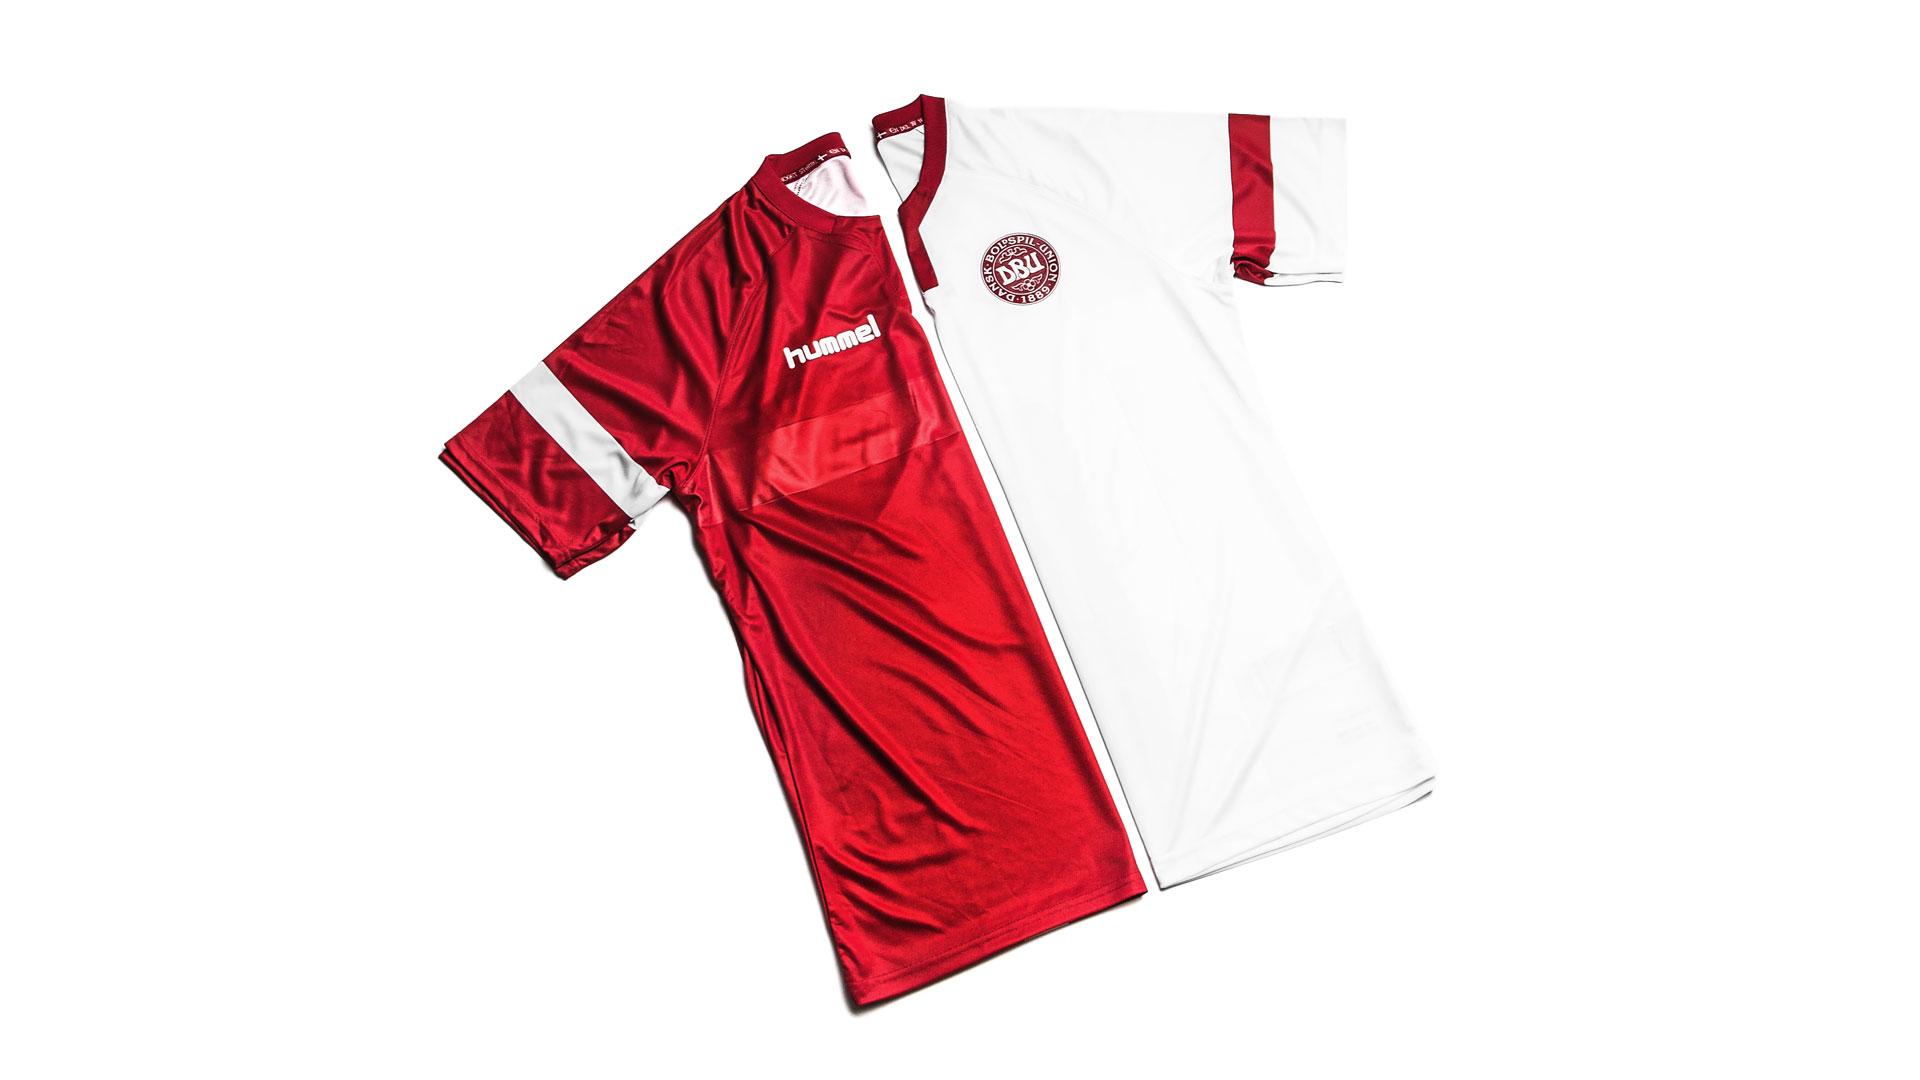 9884aad4d68 Hummel er tilbage på landsholdet med ny OL trøje